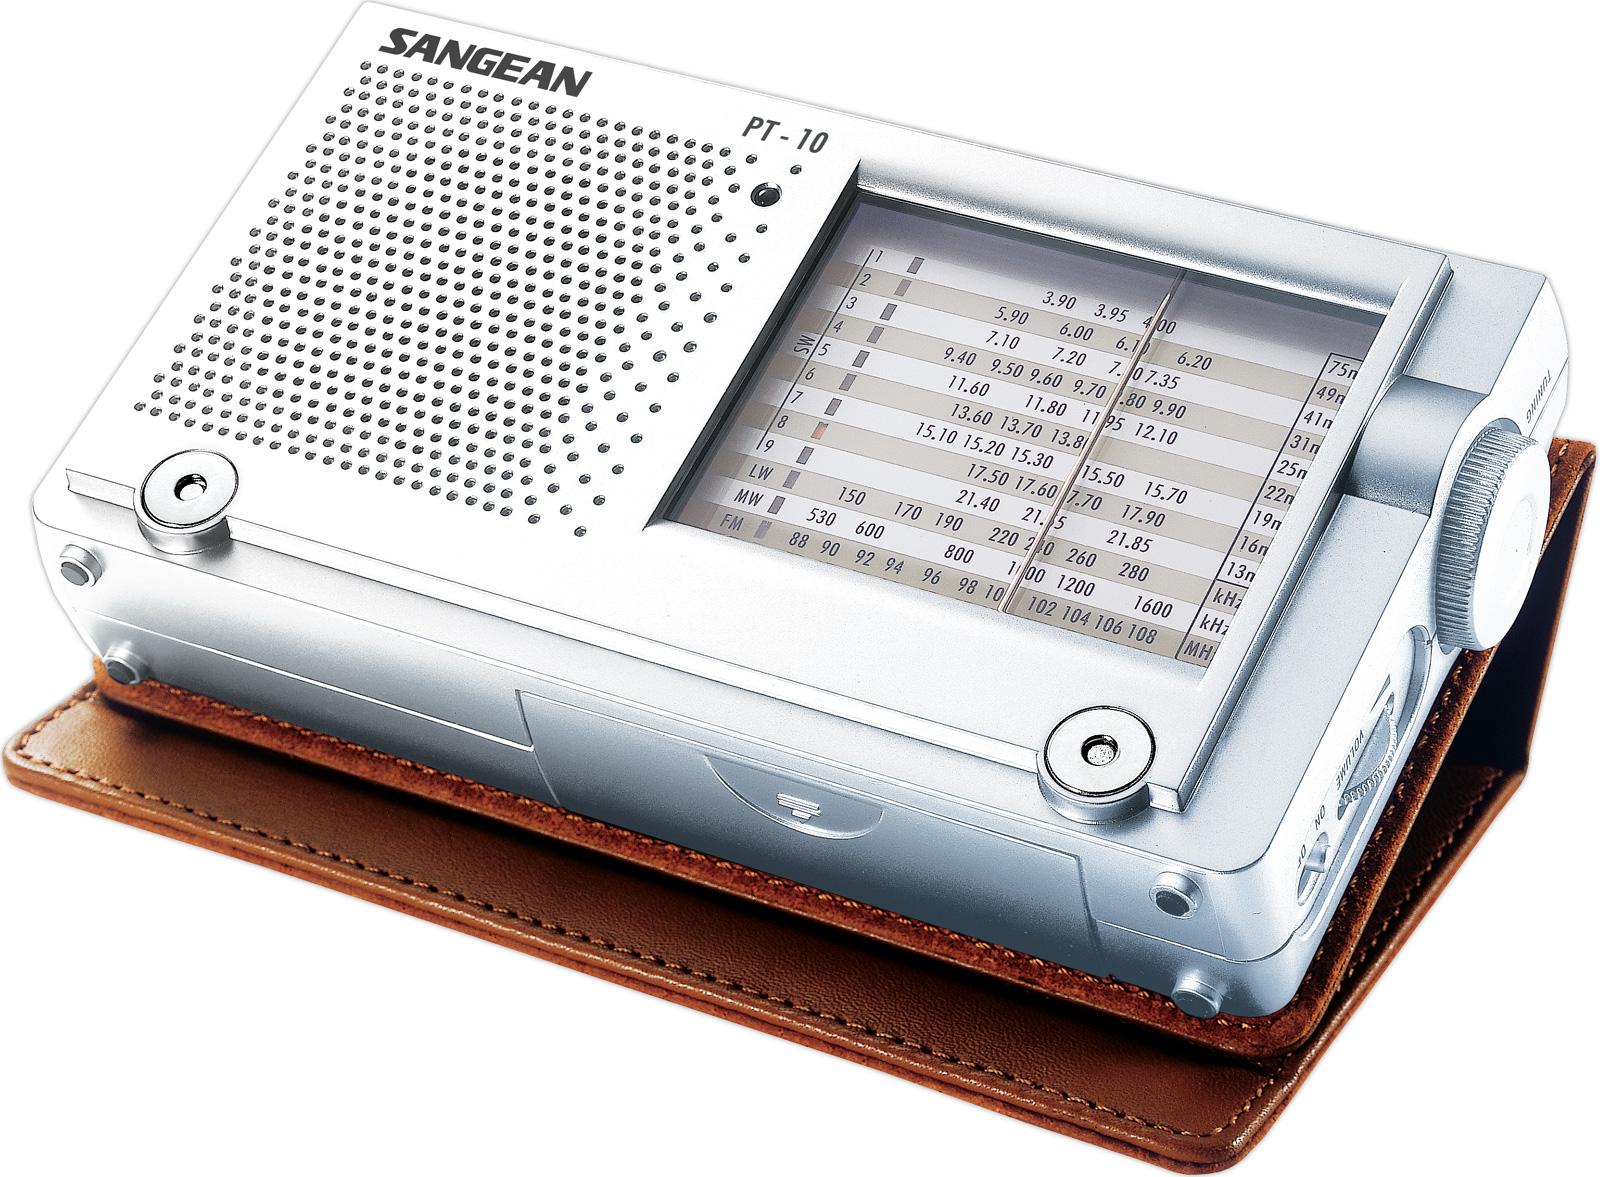 ĐÀI RADIO SANGEAN PT-10 thương hiệu Mỹ